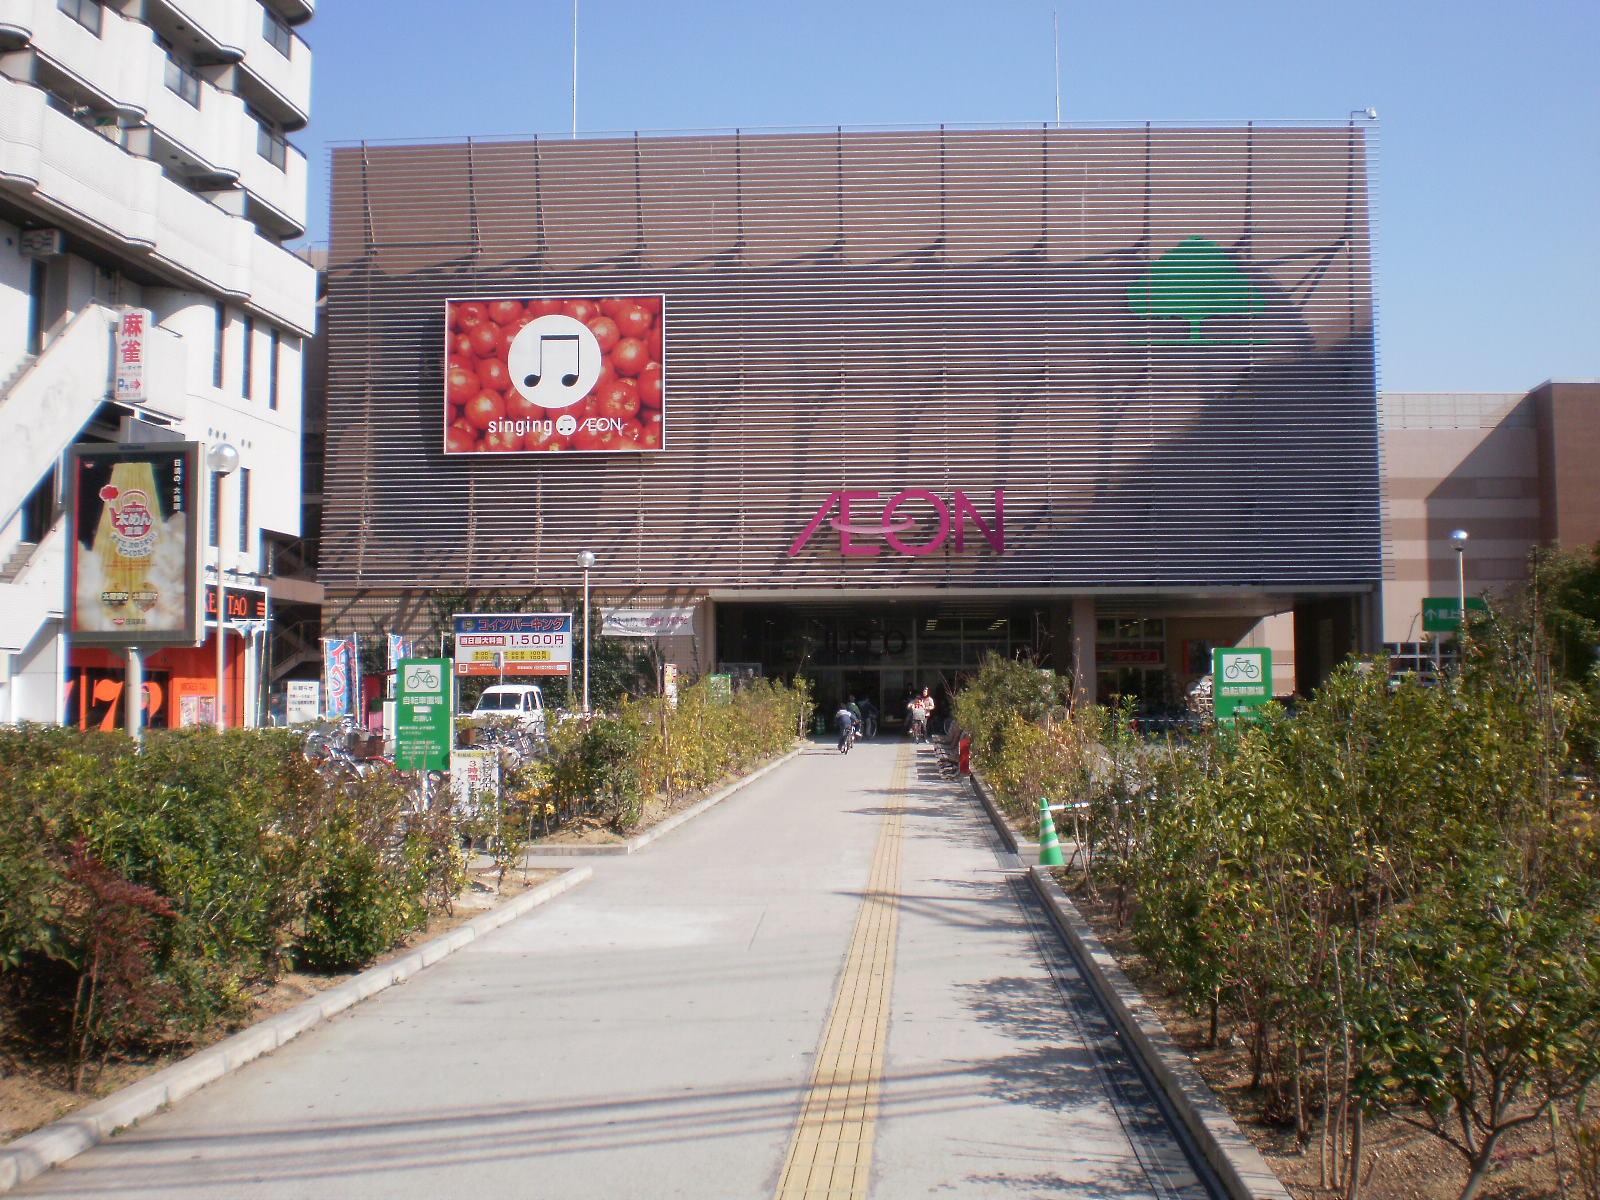 ショッピングセンター イオン喜連瓜破ショッピングセンター(ショッピングセンター)まで884m